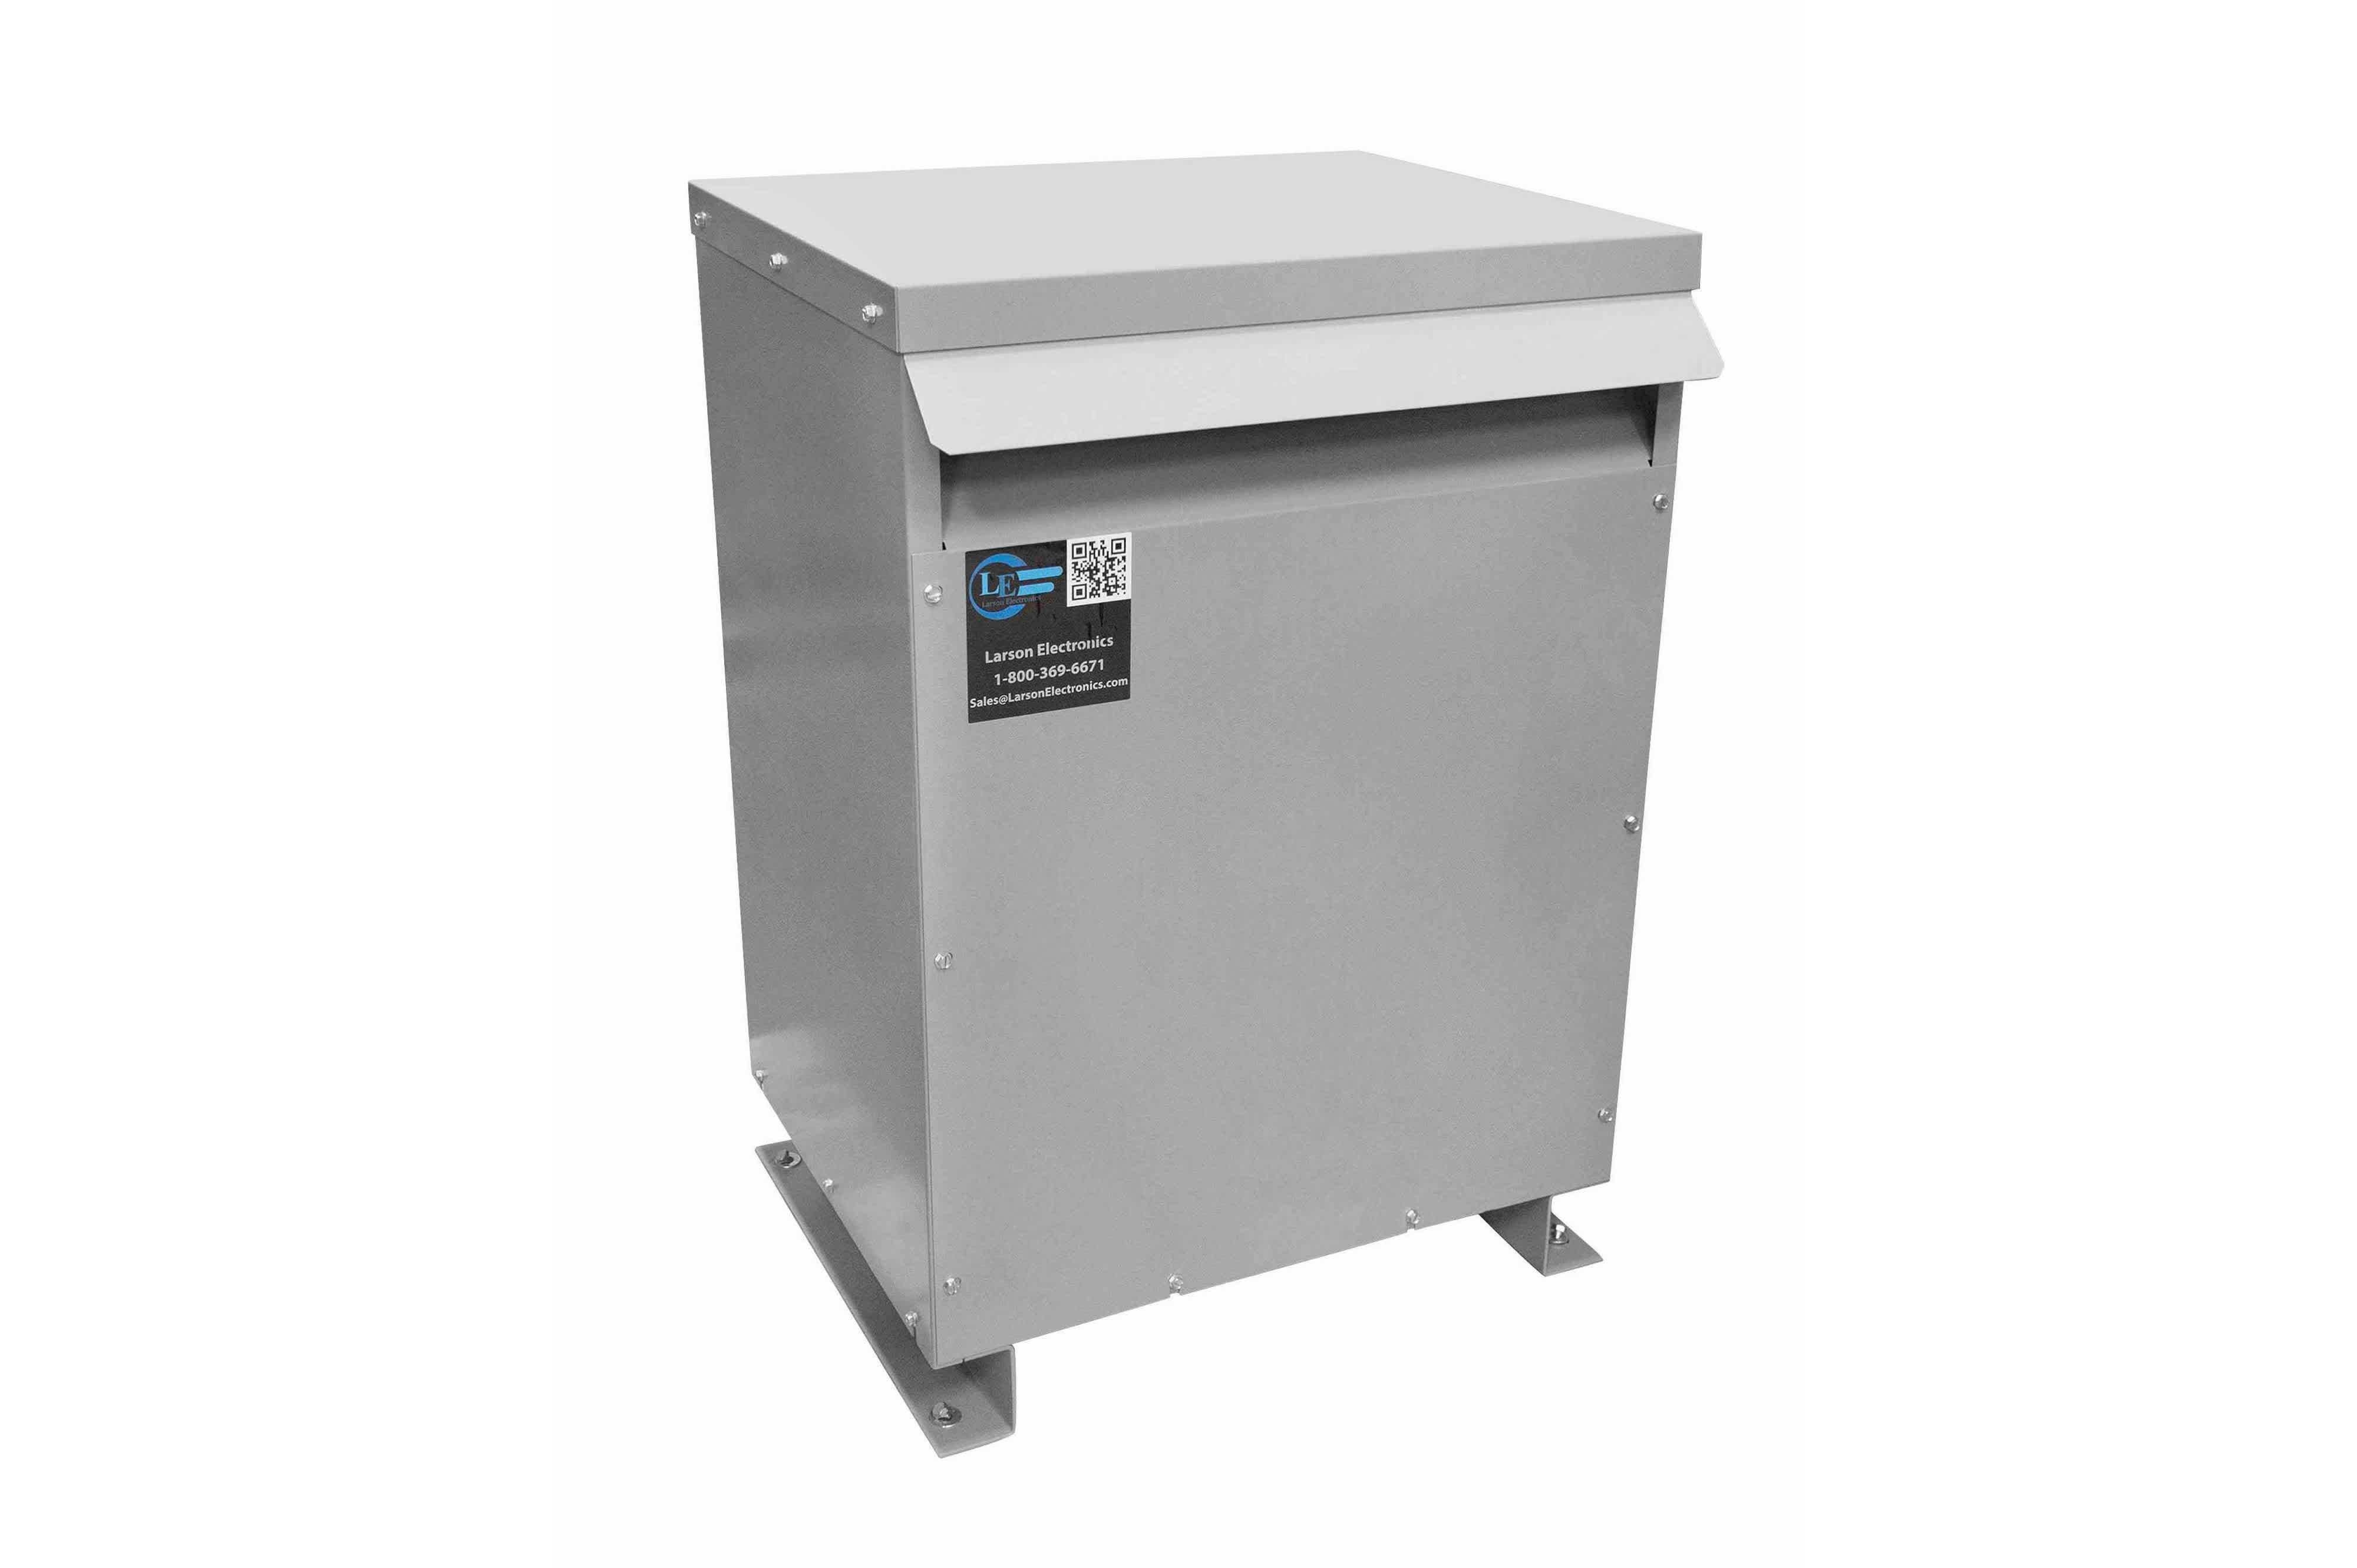 75 kVA 3PH Isolation Transformer, 460V Delta Primary, 600V Delta Secondary, N3R, Ventilated, 60 Hz